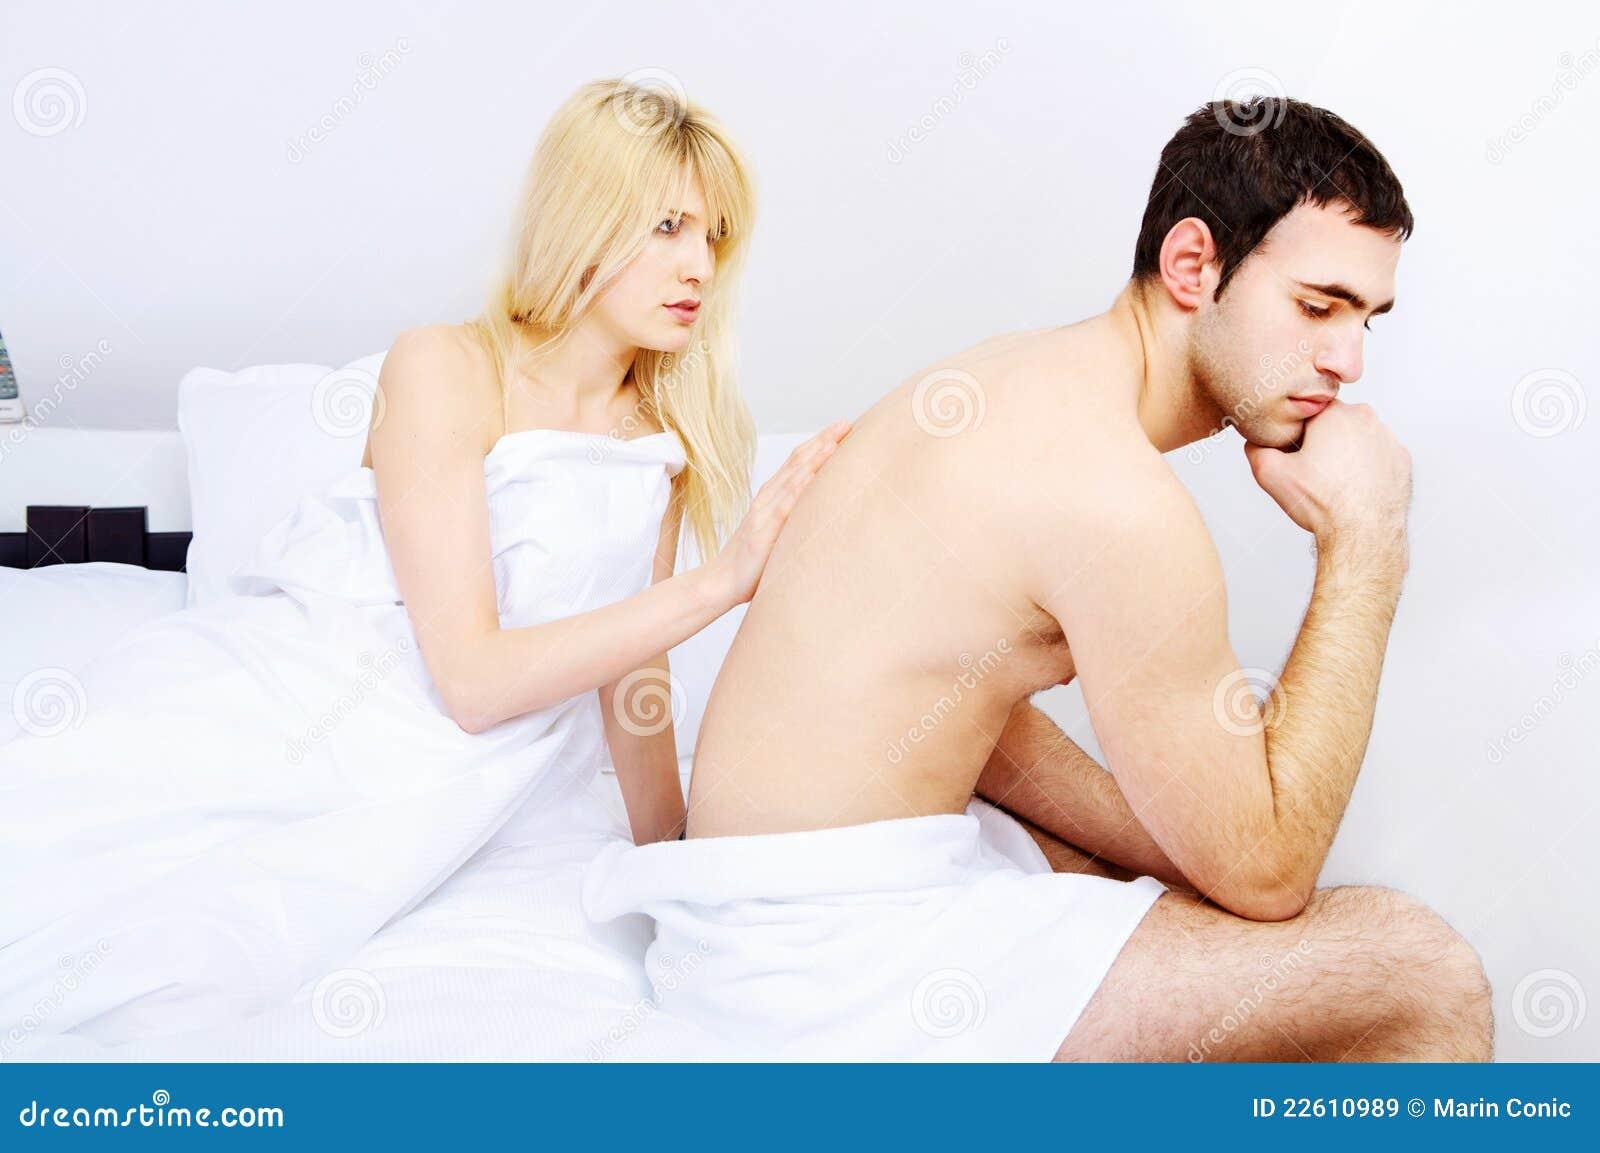 Чувство вины после мастурбации 1 фотография